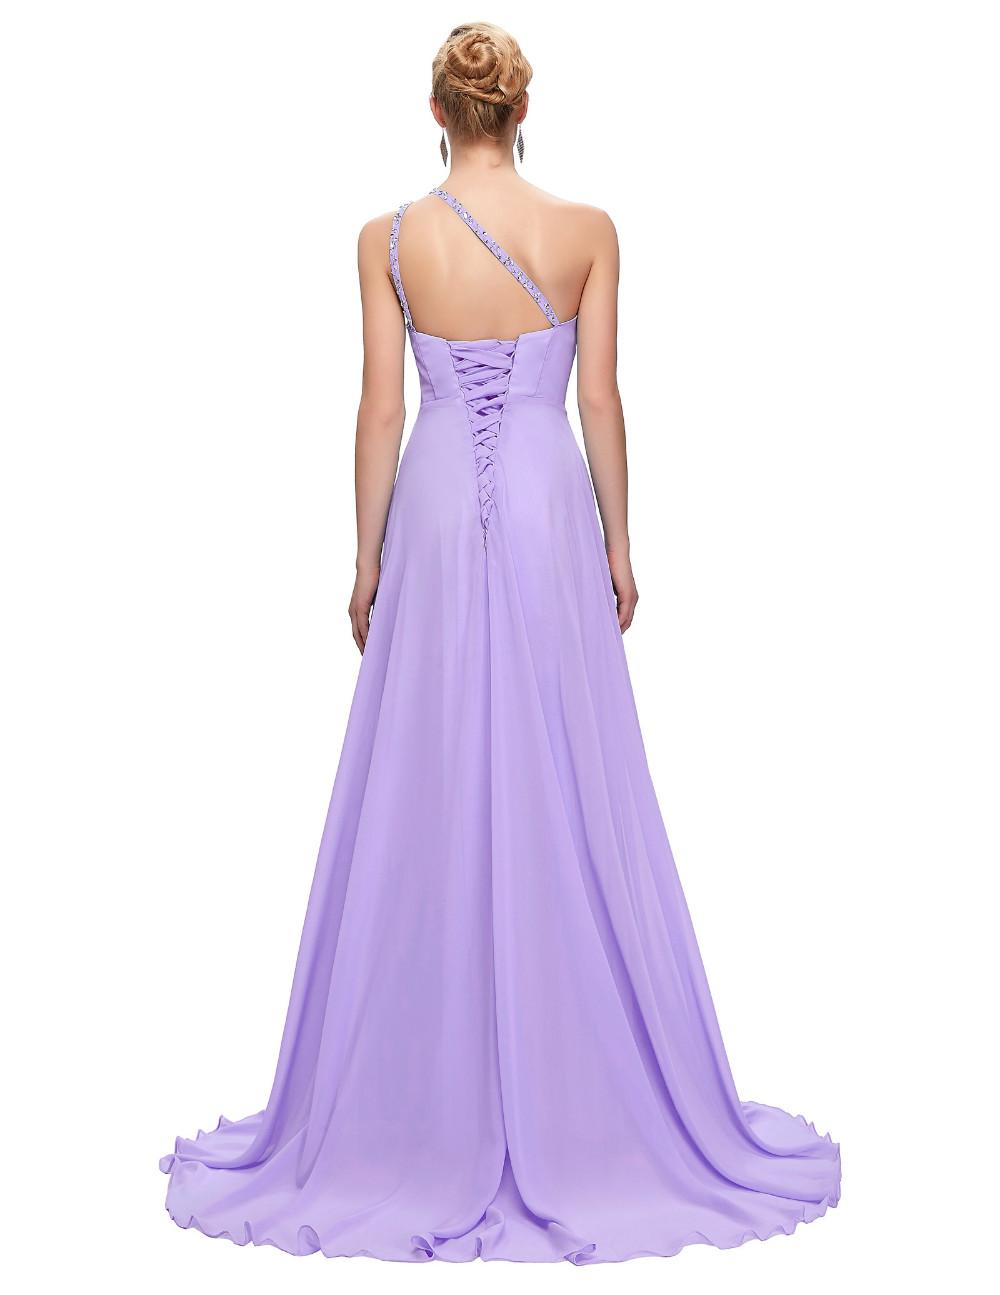 Rõõmsates värvides pidulikud kleidid